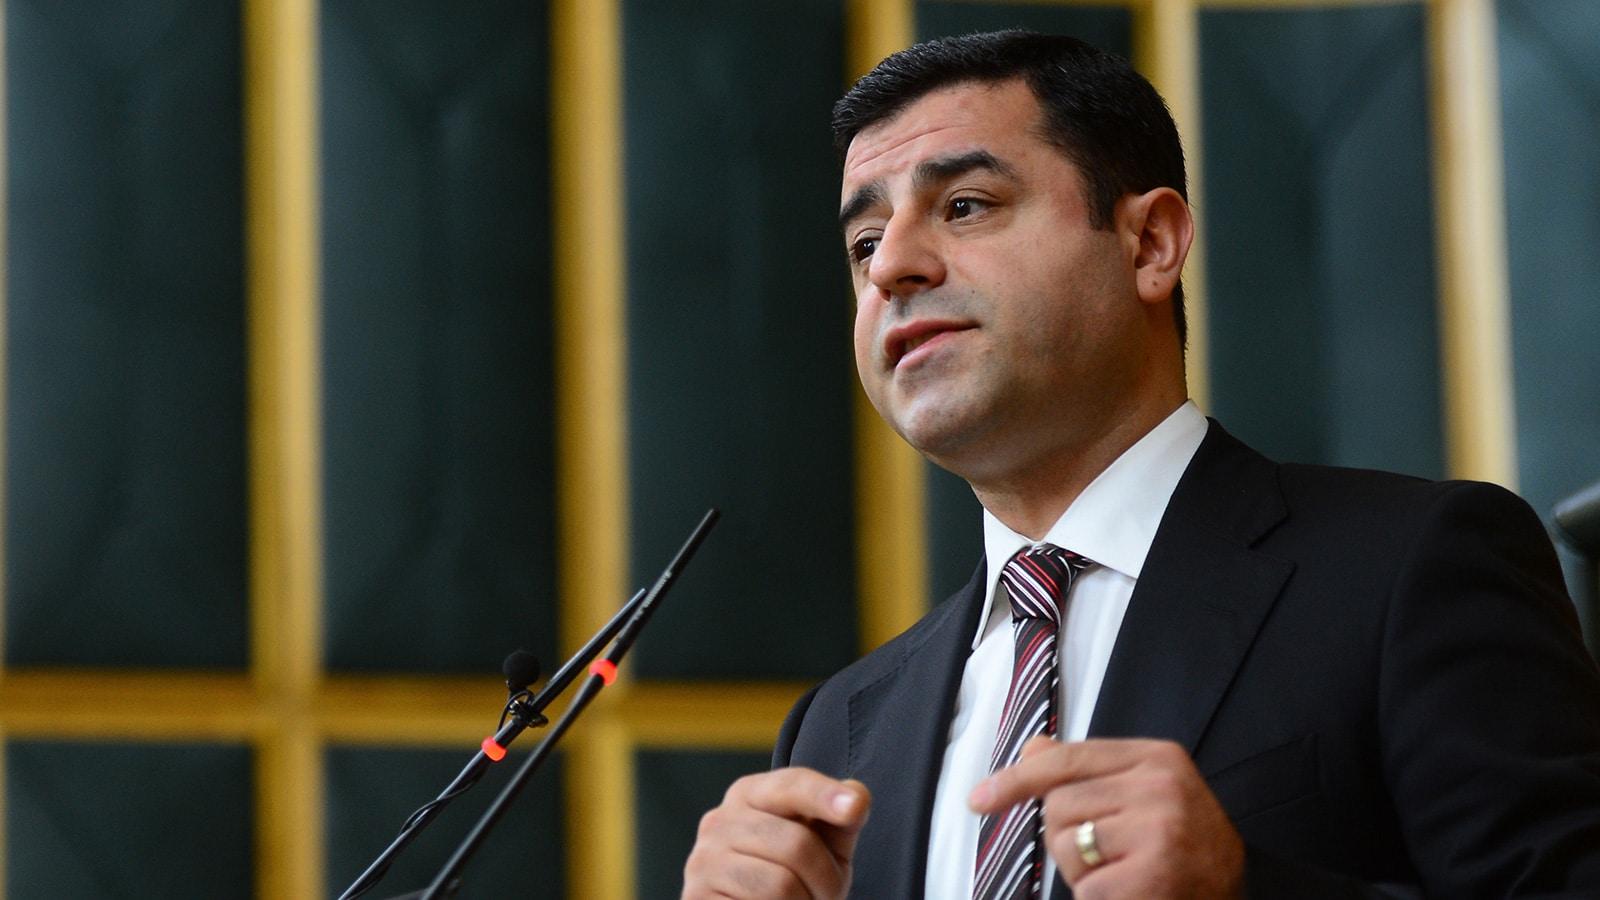 """صلاح الدين دميرتاس، الزعيم الكردي الذي تحوّل إلى """"رجل دولة""""، والذي قد يرفع حزبه إلى مرتبة الحزب الثالث في تركيا"""